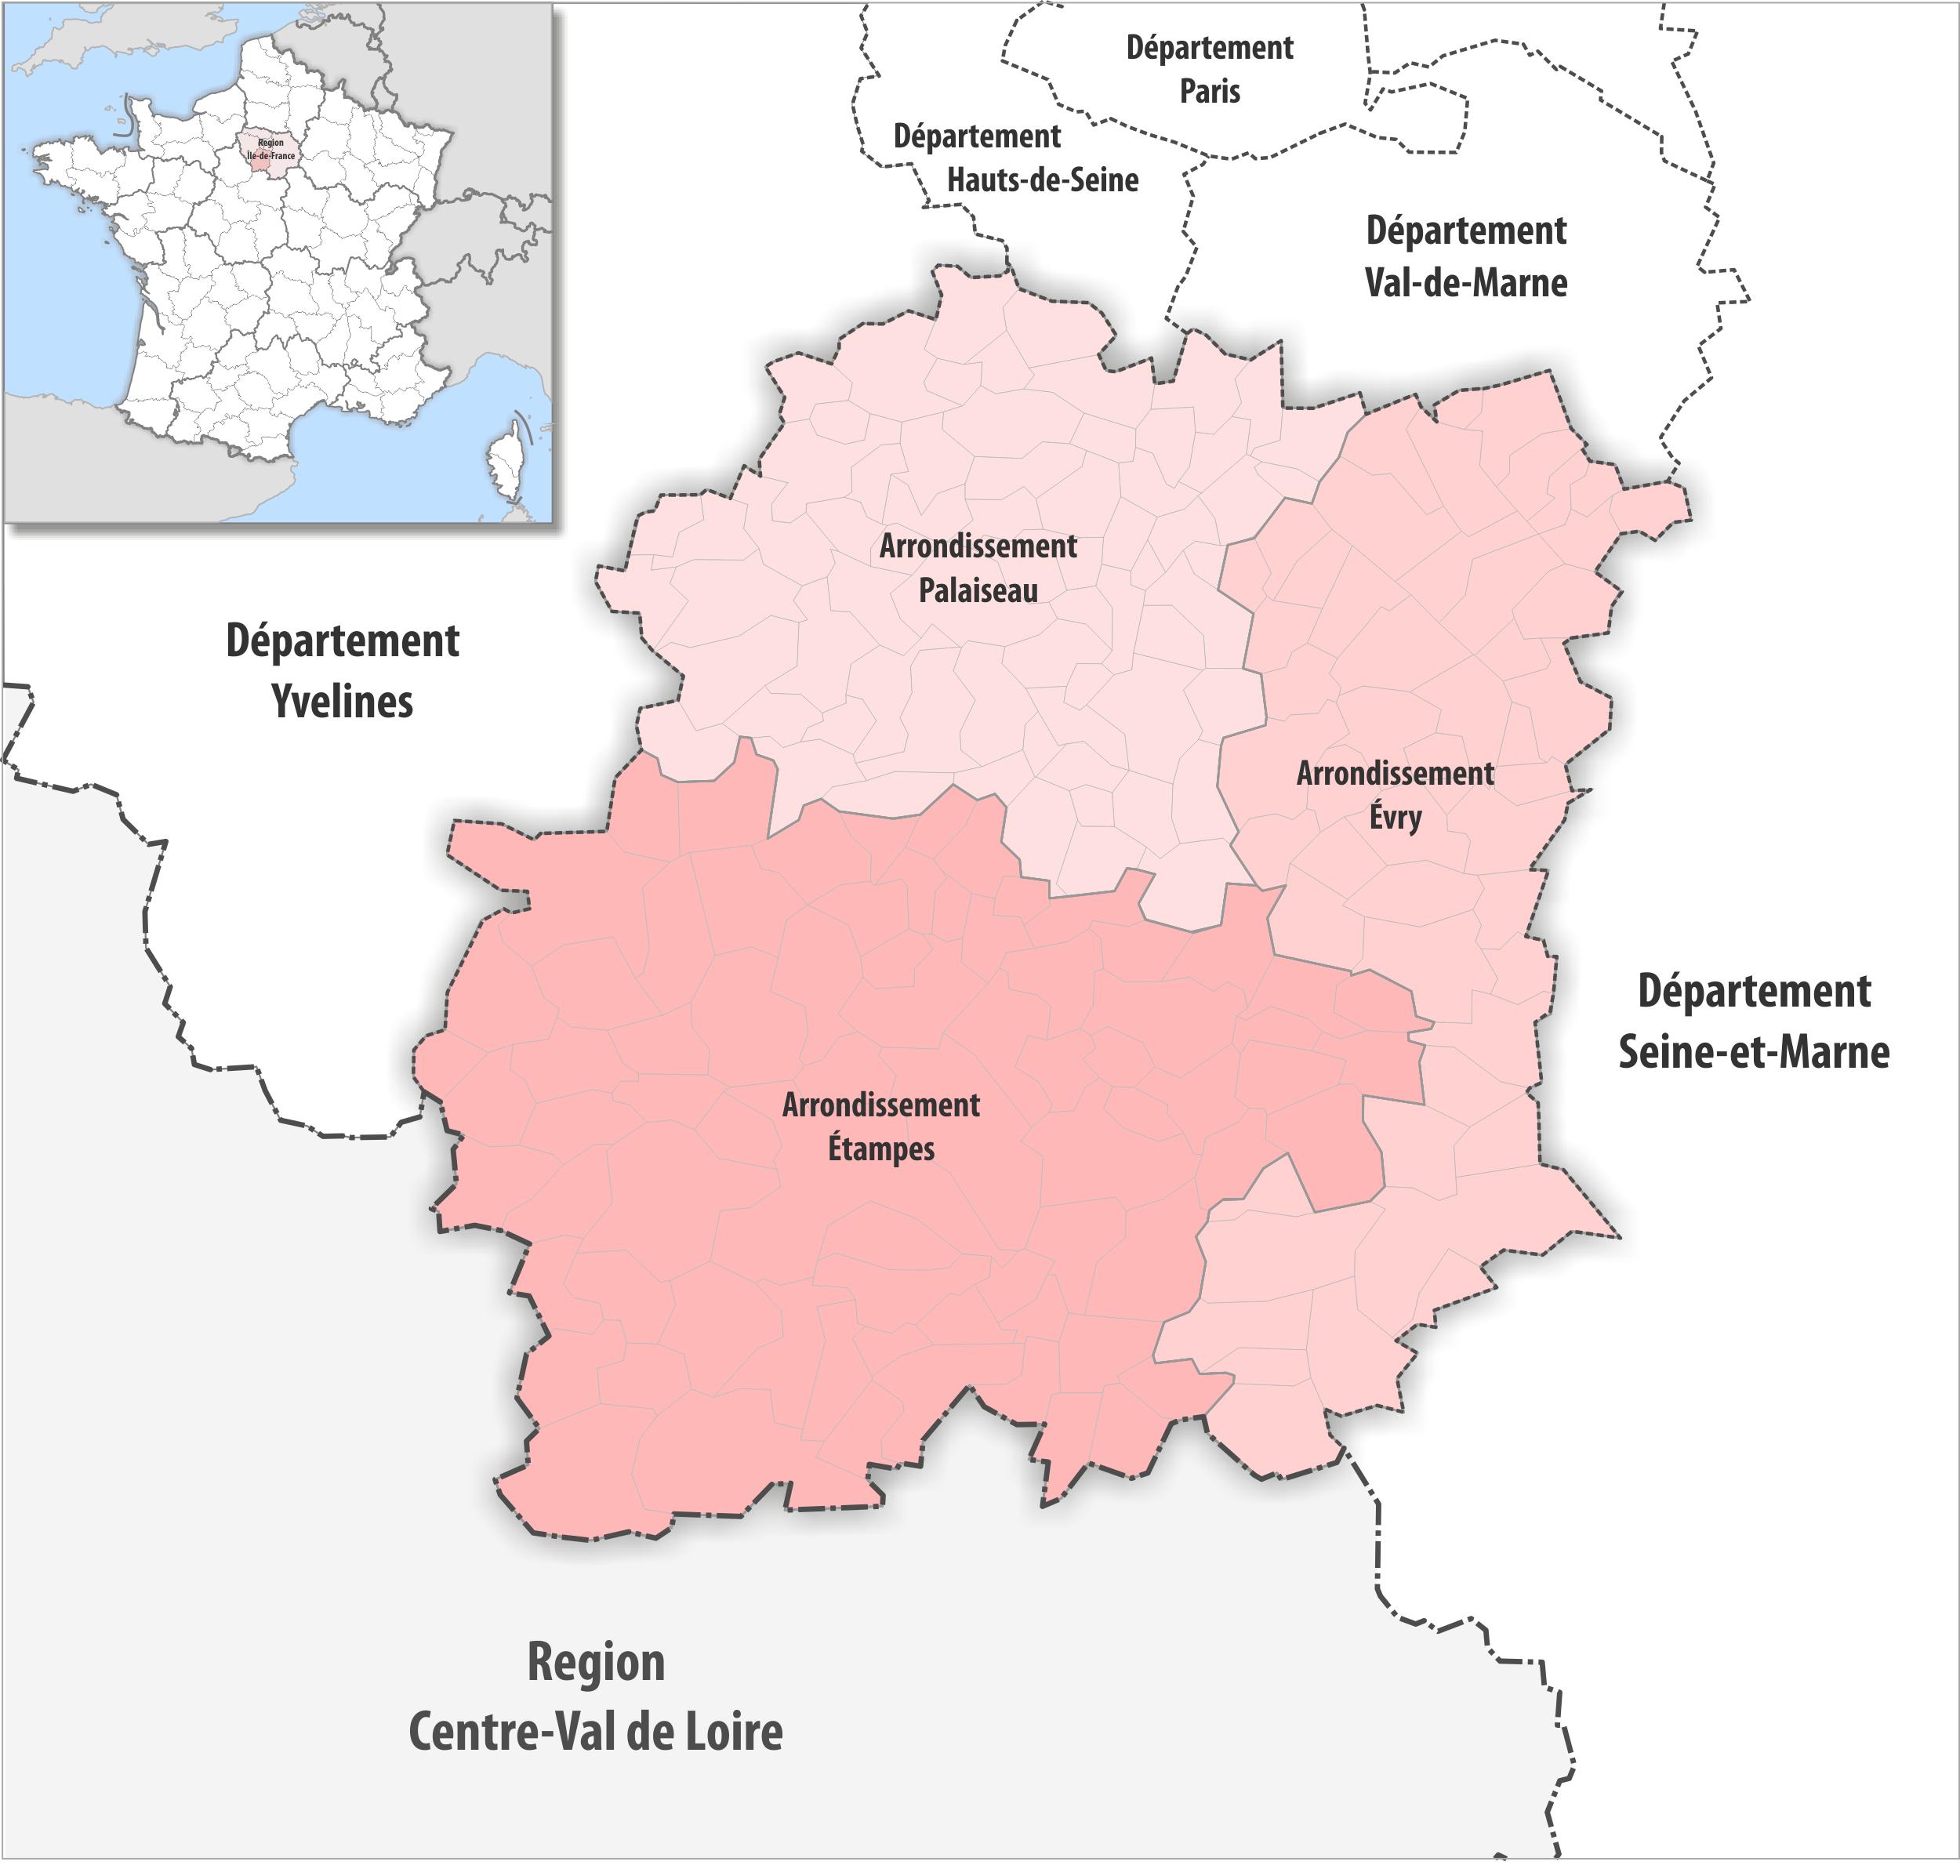 Arrondissements De L'essonne — Wikipédia encequiconcerne Numéro Des Départements